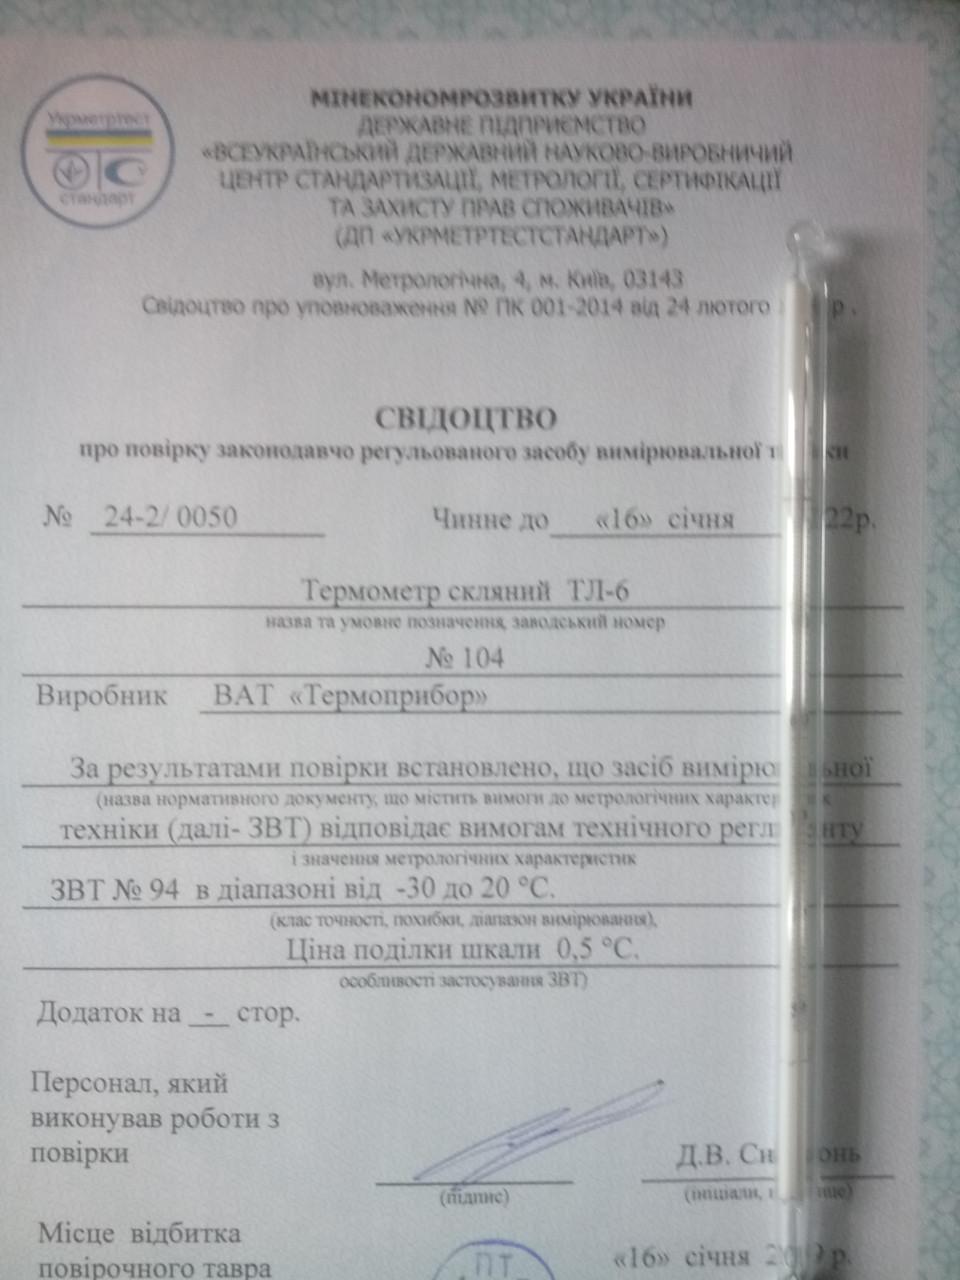 Термометры лабораторные,ртутные ТЛ-6  Исп.1 ц.д.0,5°С  (-30+20° С)(минусовой),возможна калибровка в УкрЦСМ